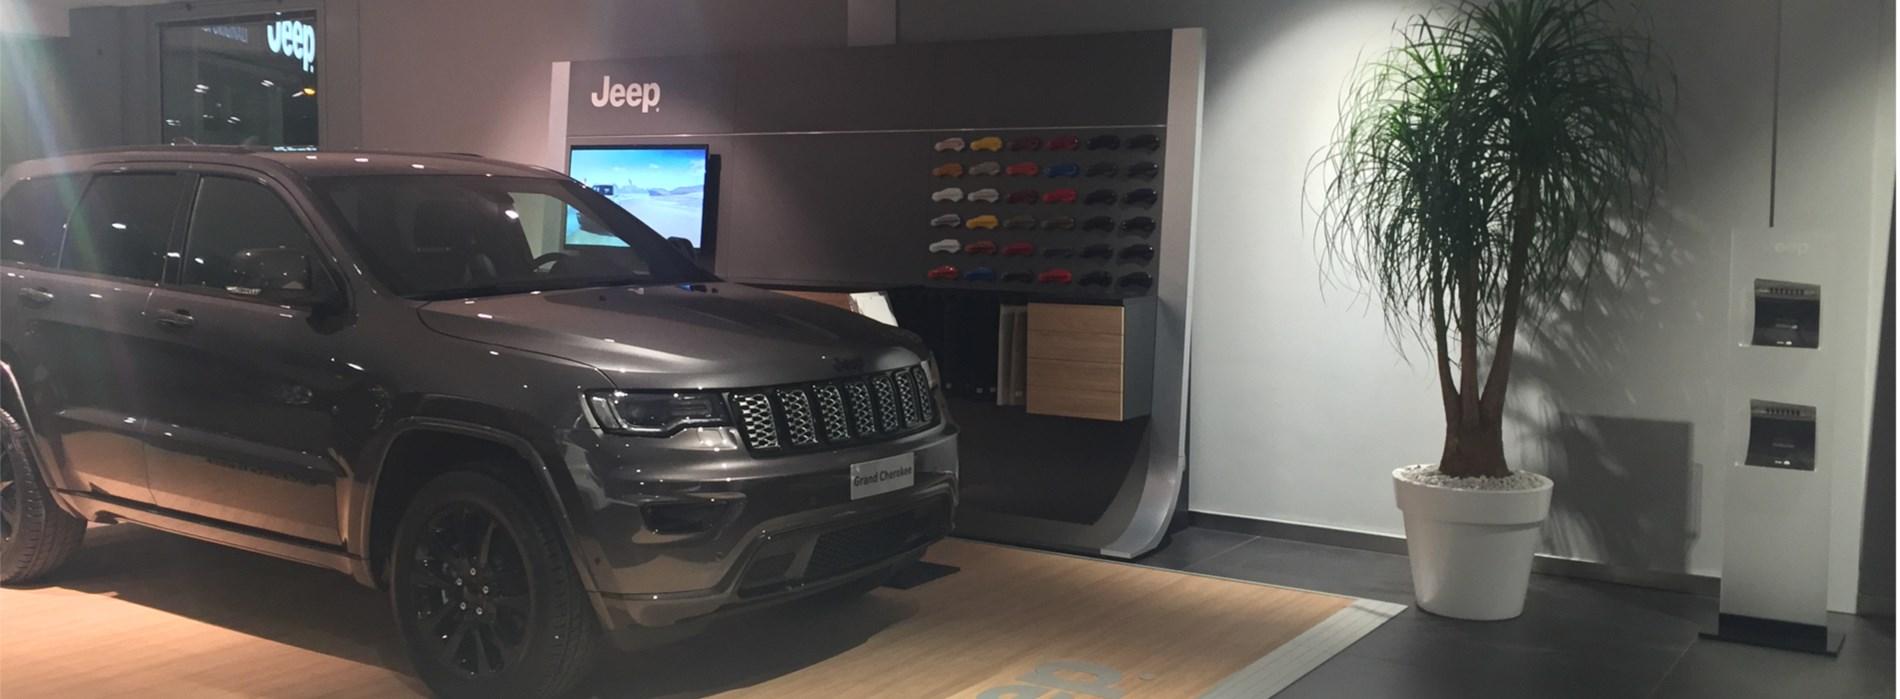 antonietti-concessionaria-salone-jeep